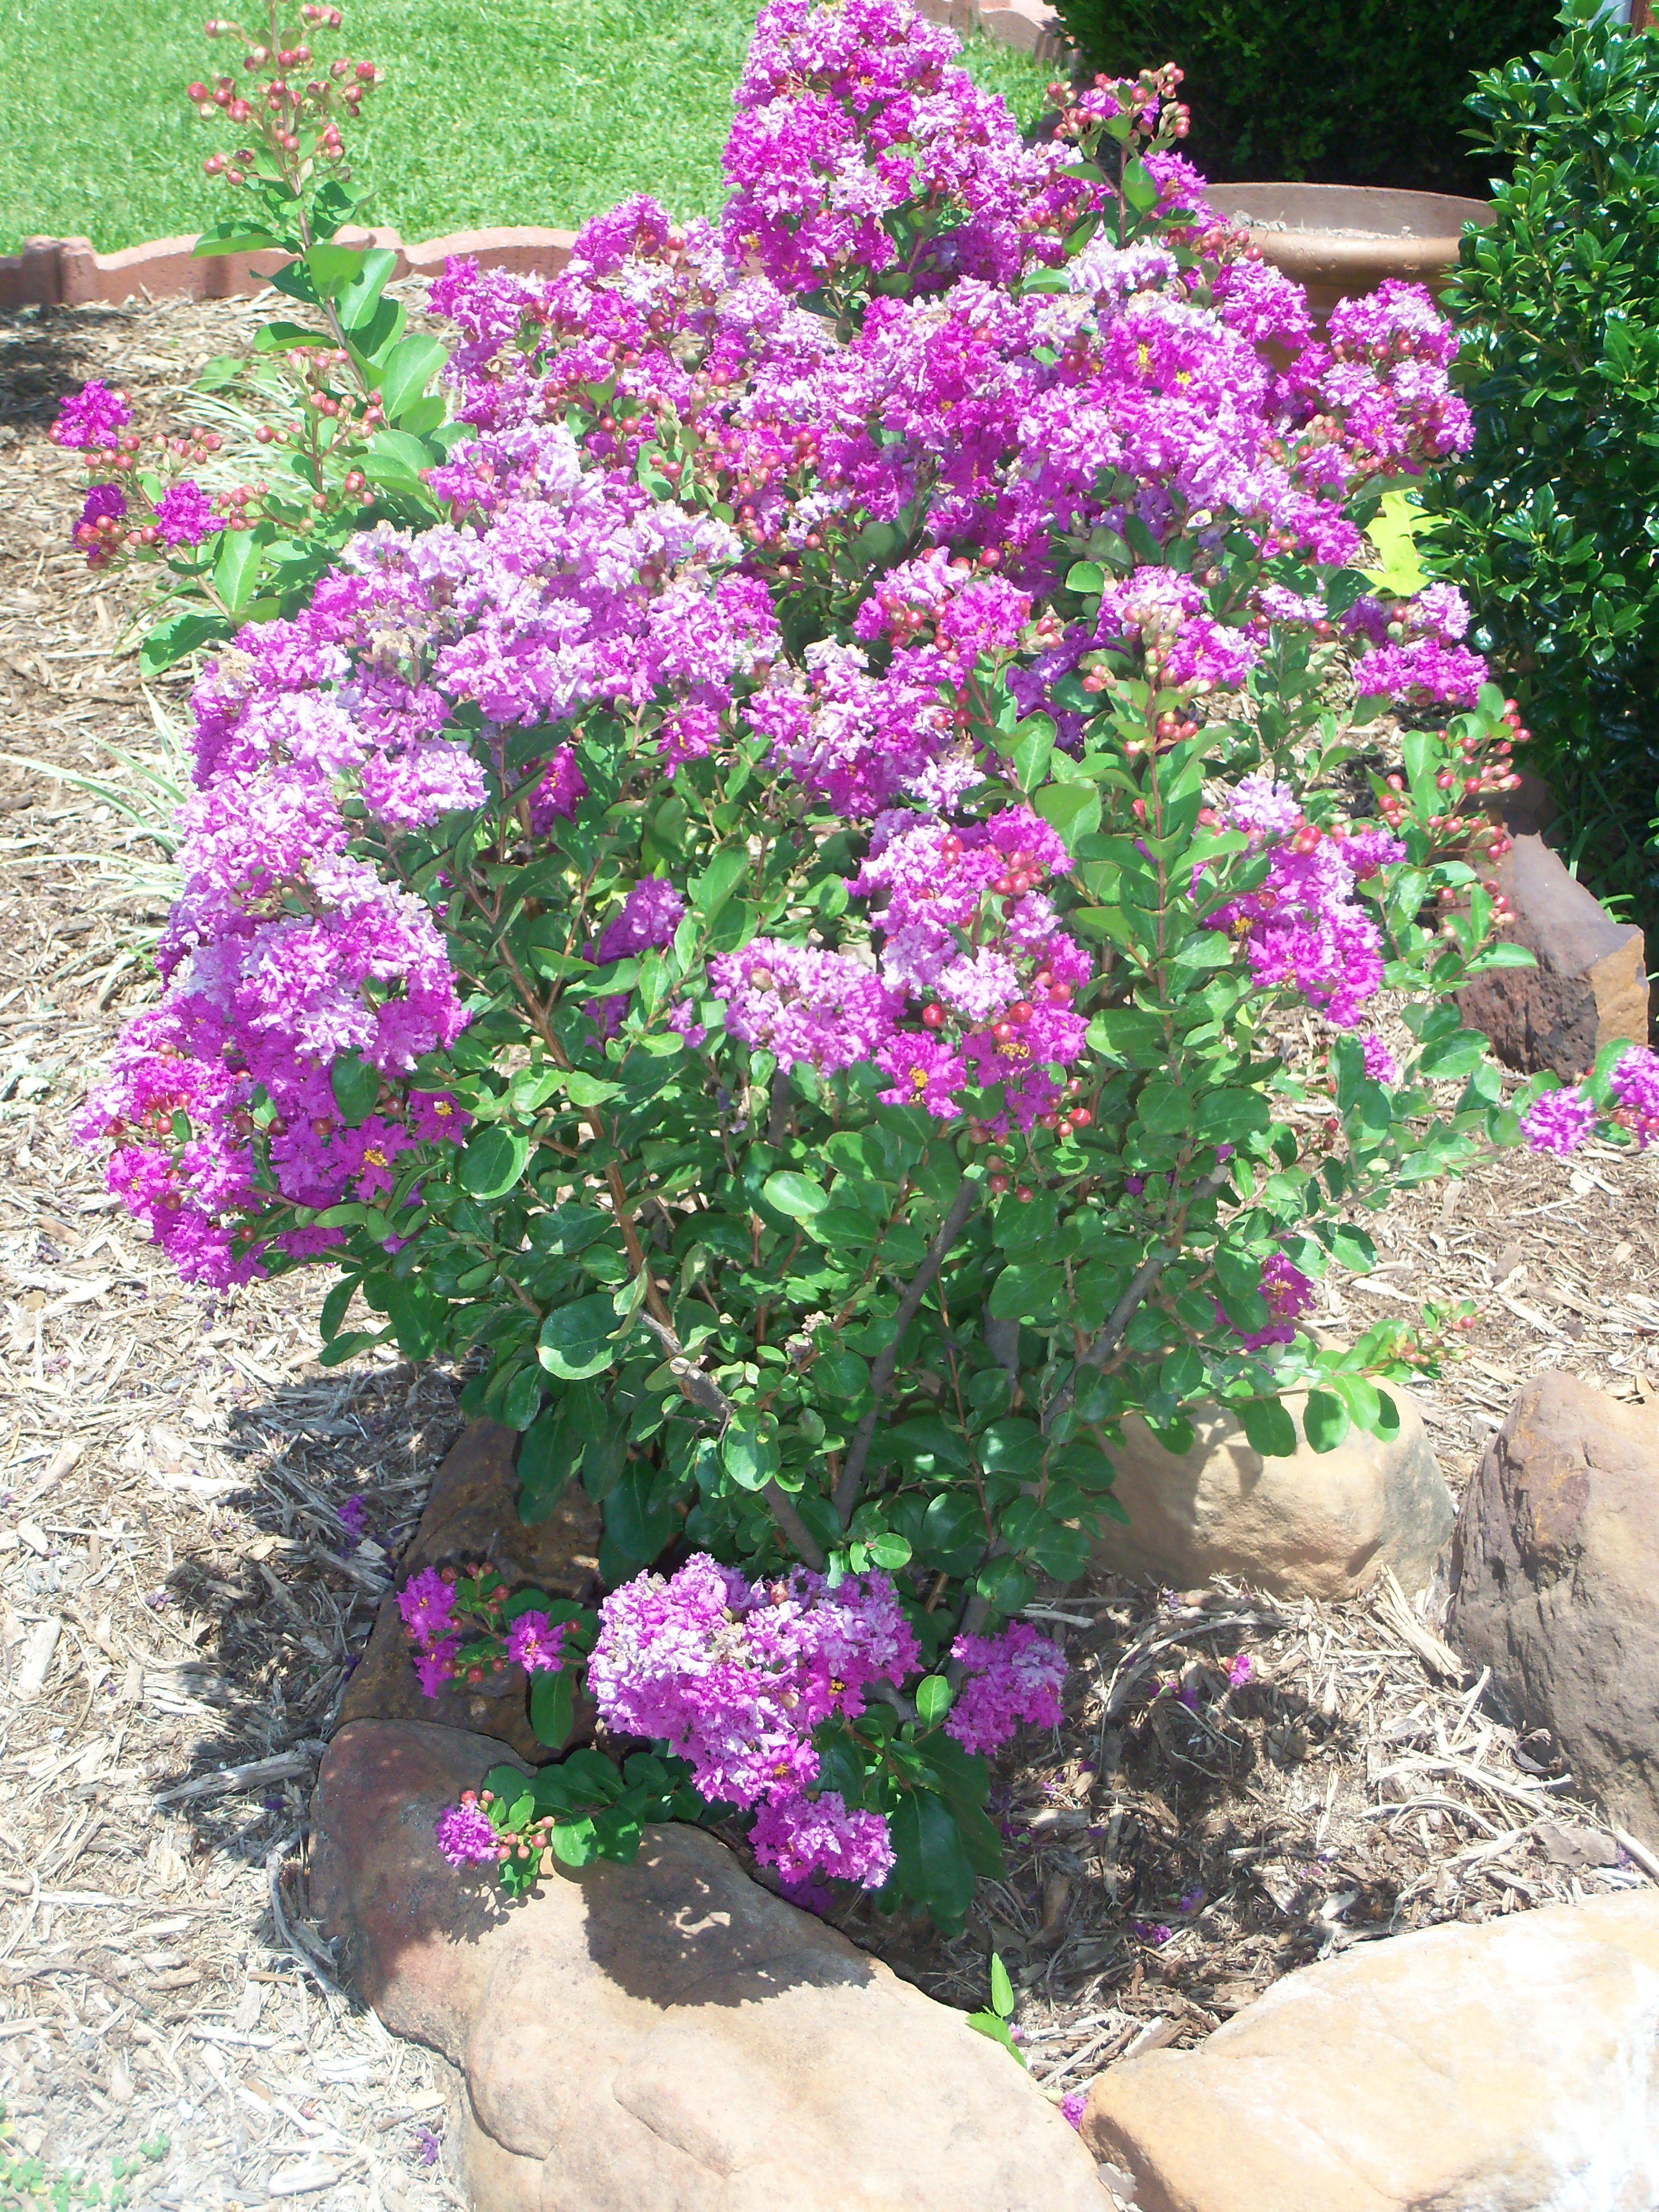 3 Foot Dwarf Crepe Myrtle Crepe Myrtle Trees To Plant Flower Beds